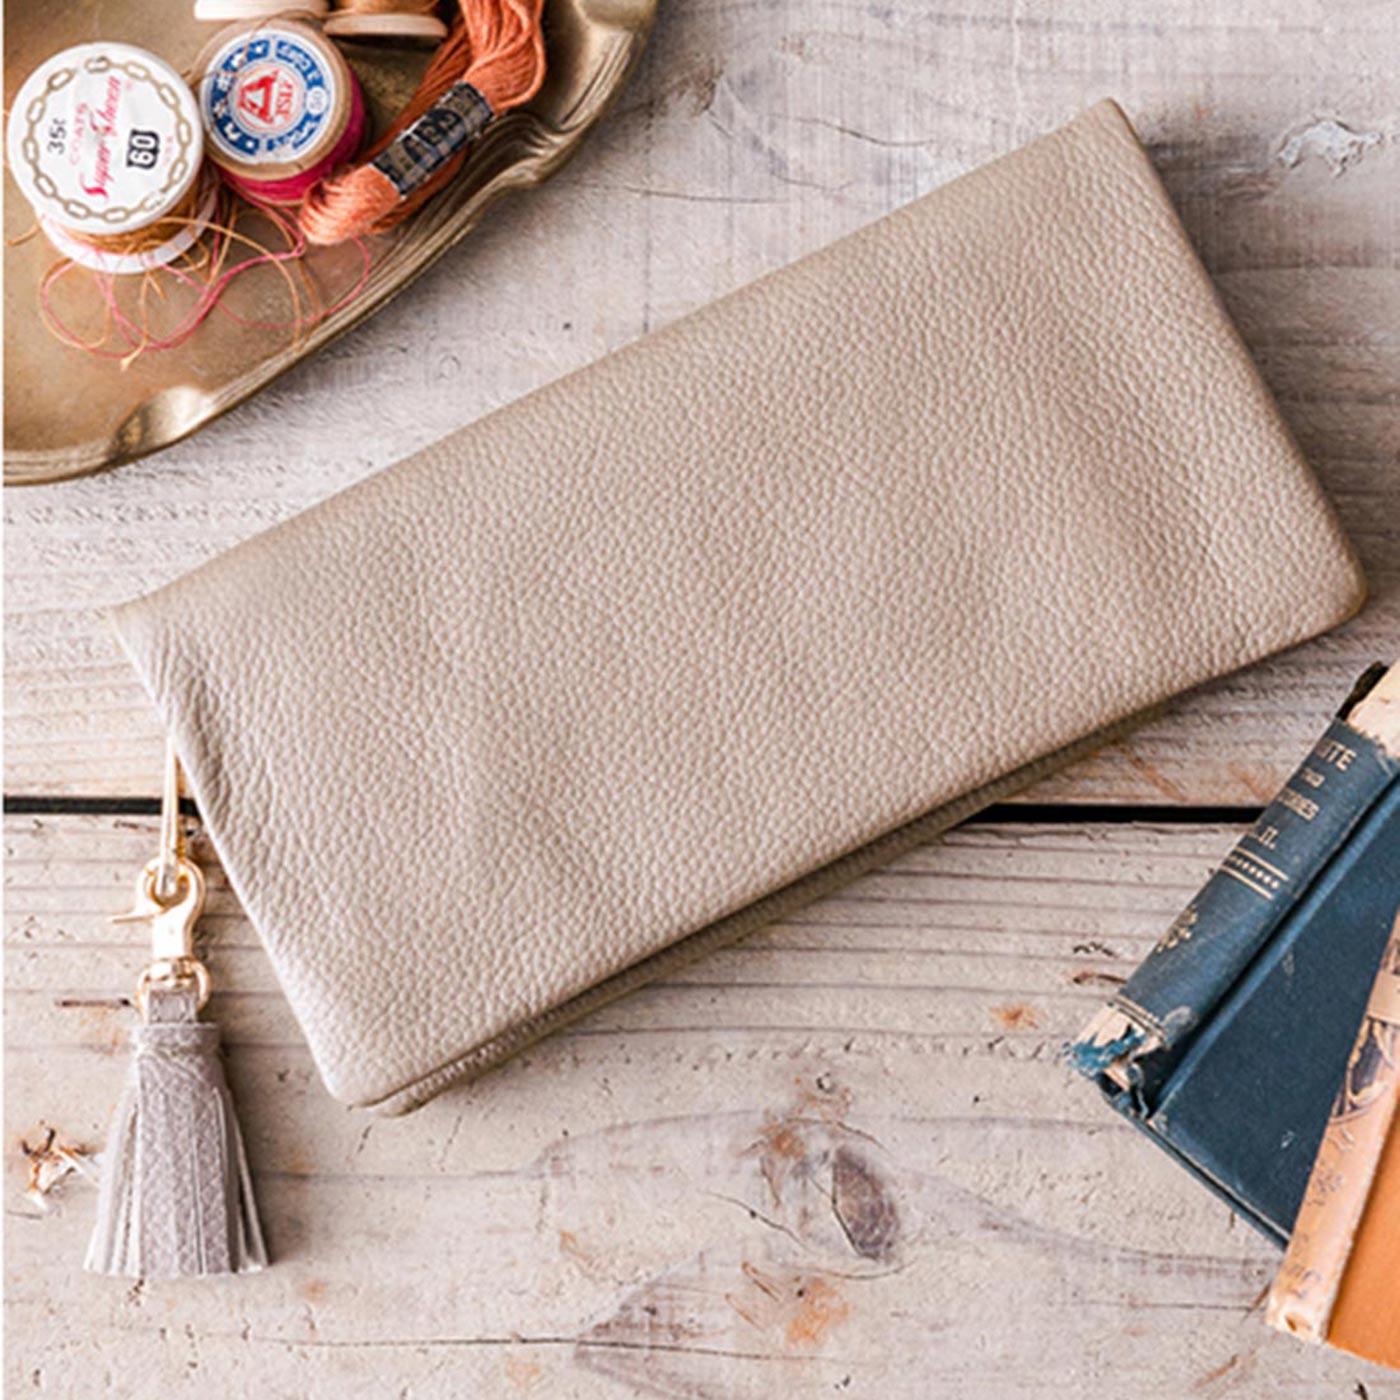 IEDIT[イディット] SELECT やわらかマットレザーで手になじむ 長く使いこみたい本革長財布〈ベージュ〉